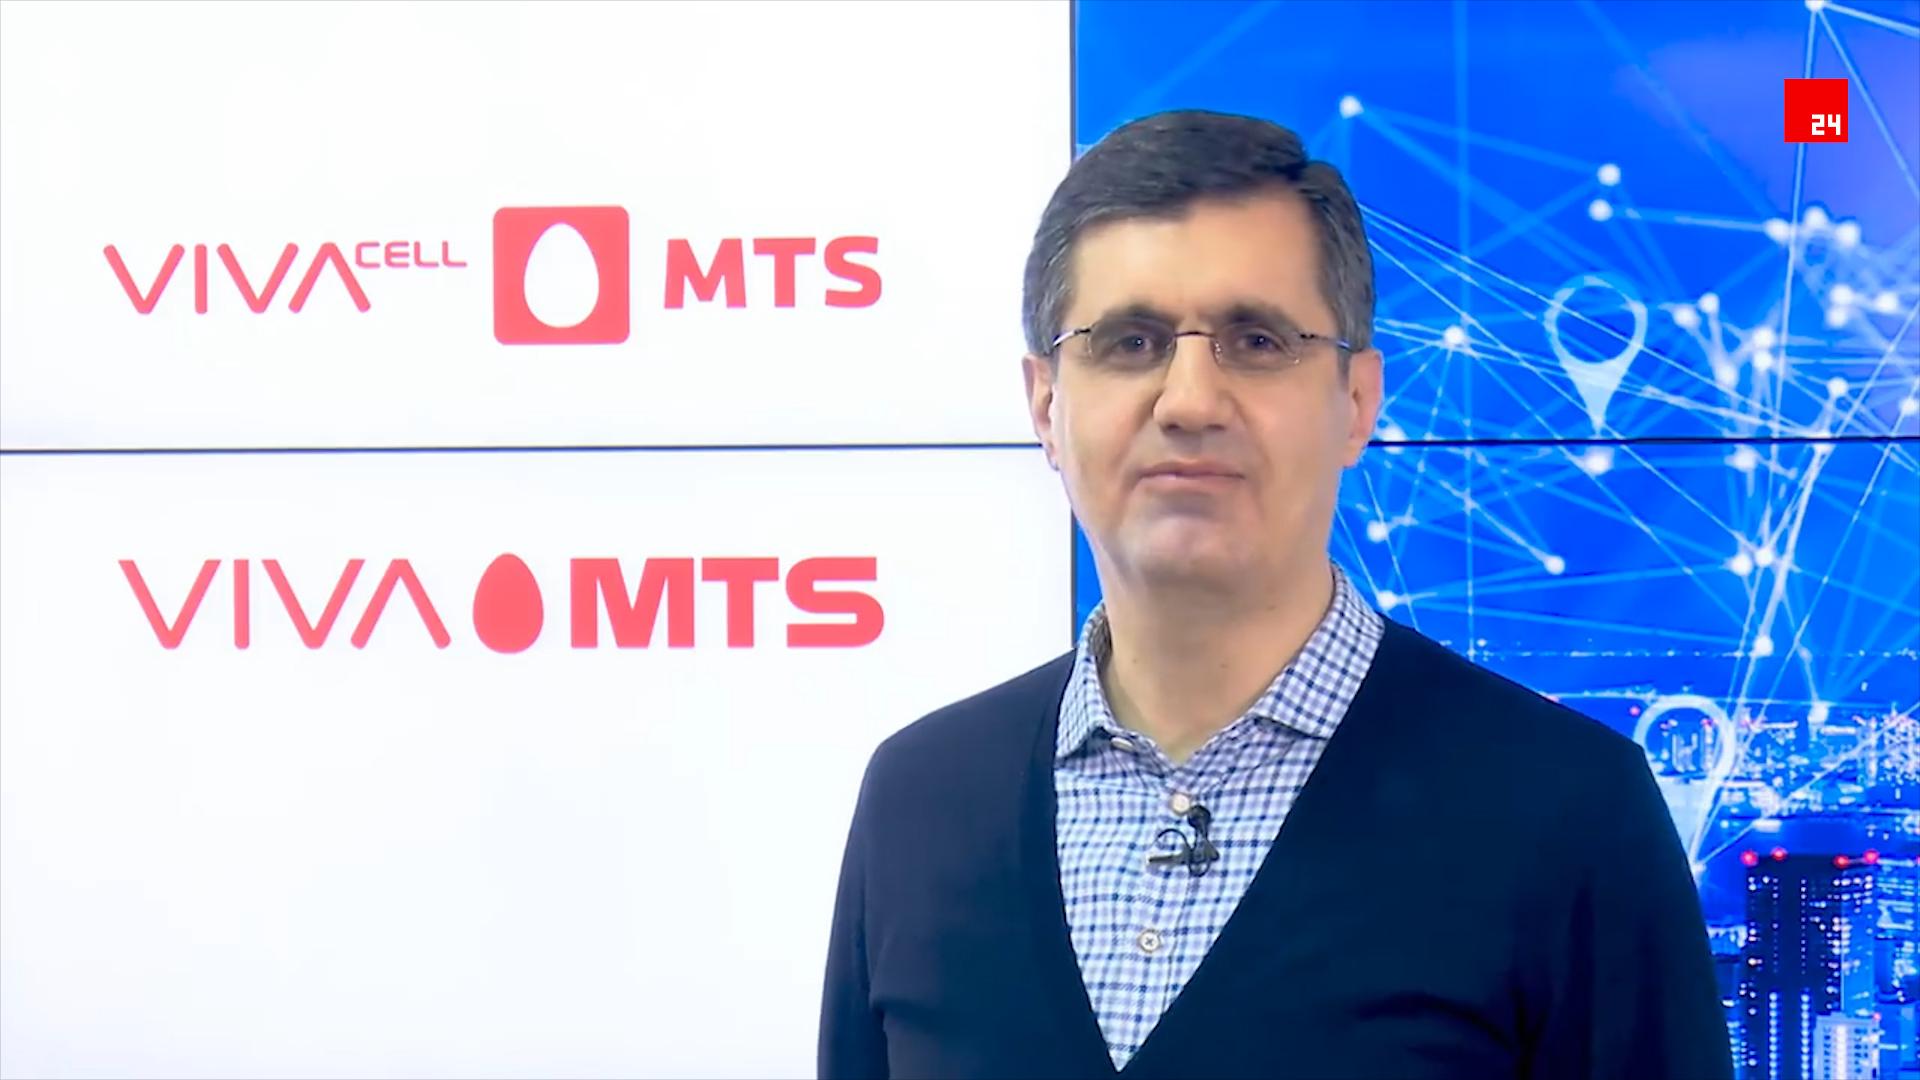 Ռալֆ Յիրիկյան. Վիվասել-ՄՏՍ-ը փոխում է տարբերանշանը